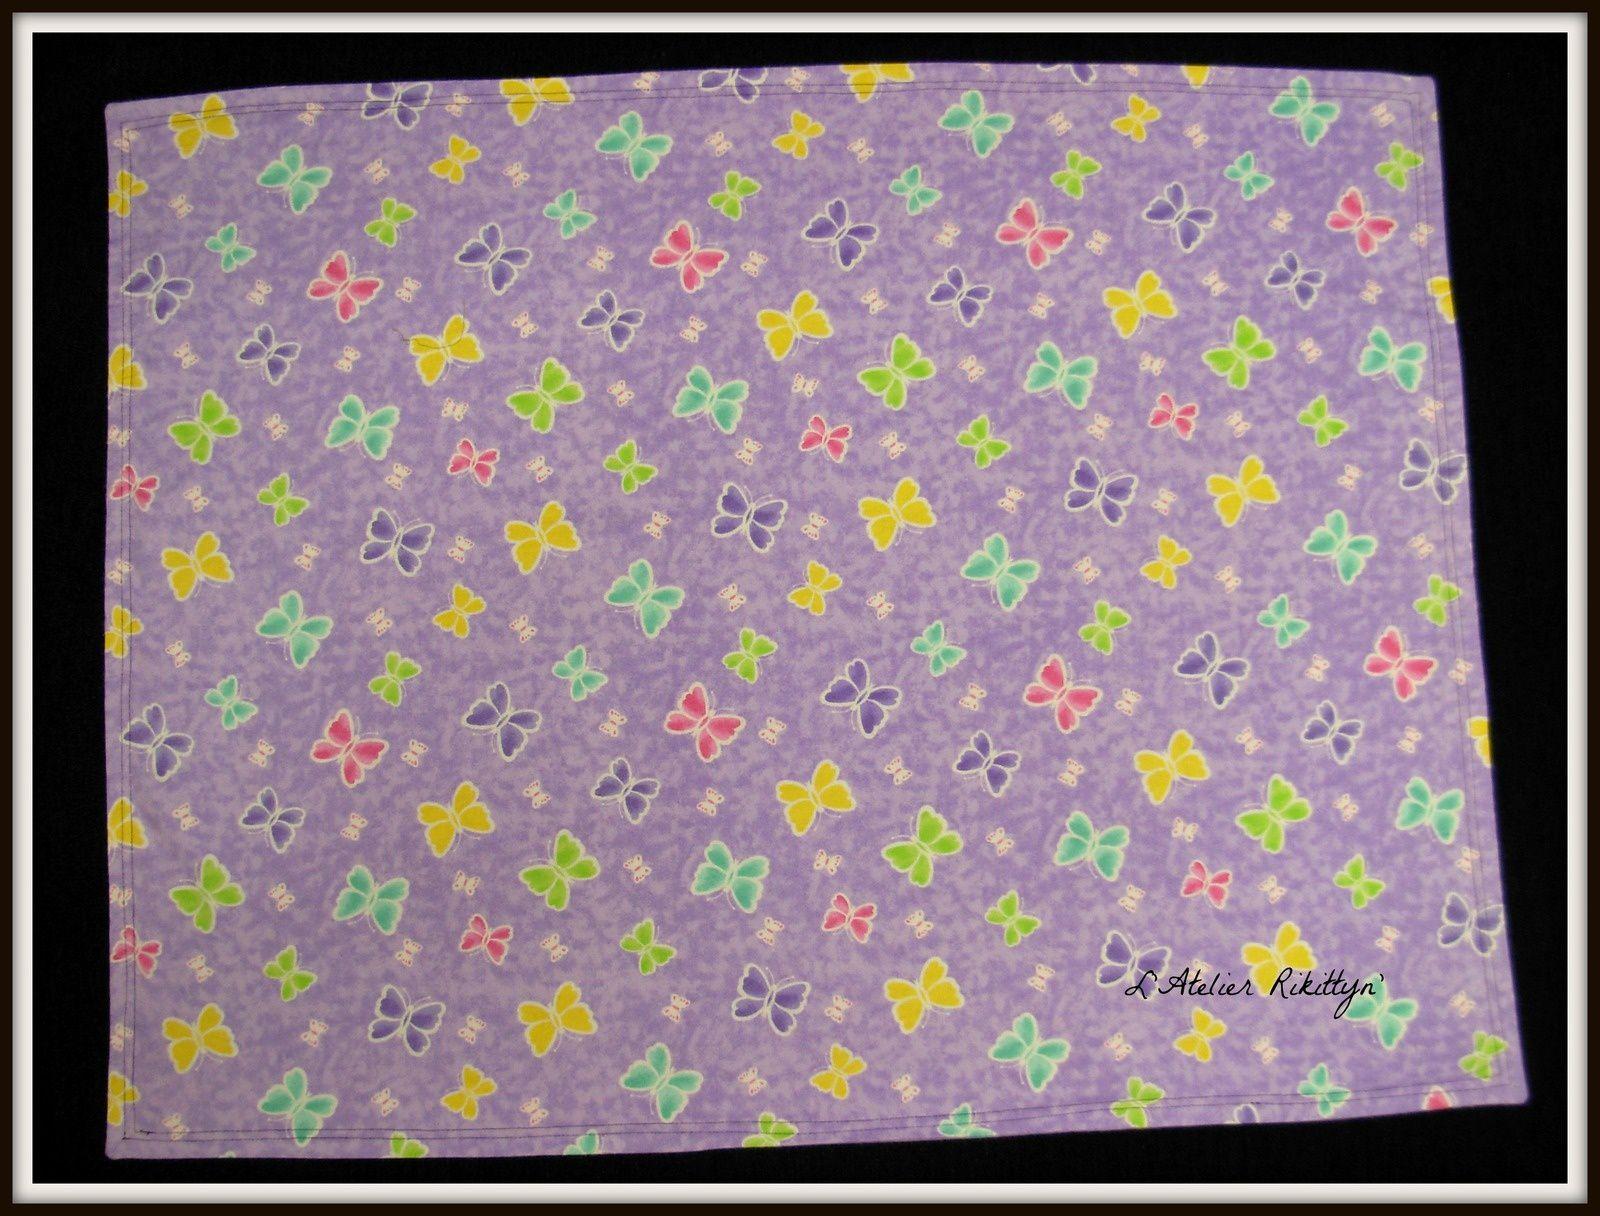 2012.09.17 - Plaid en flannel - Couette en coton wax, coton bazin et coton uni